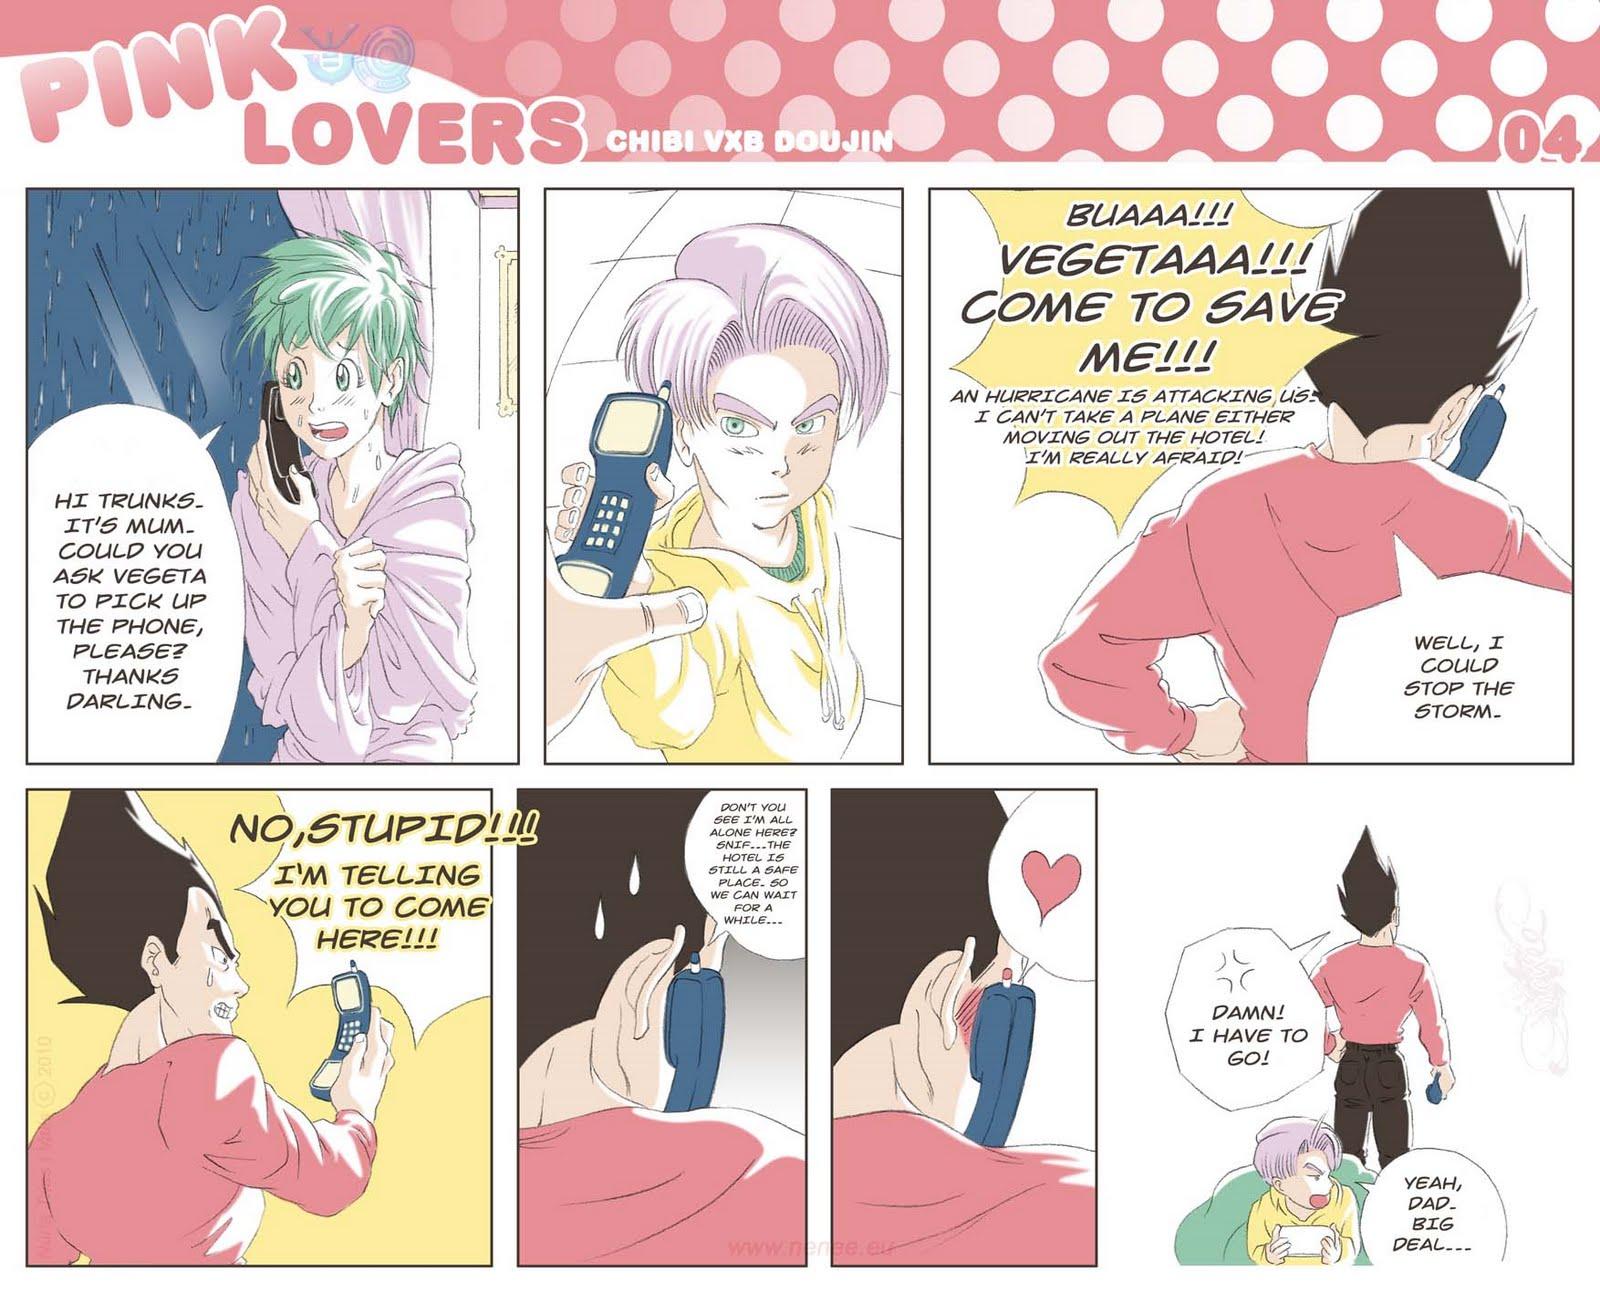 http://1.bp.blogspot.com/_xG2xherI9co/TFA9uwIPO9I/AAAAAAAAAmg/9E0tCLknkeI/s1600/call_04_pink%2Blovers_nenee.jpg